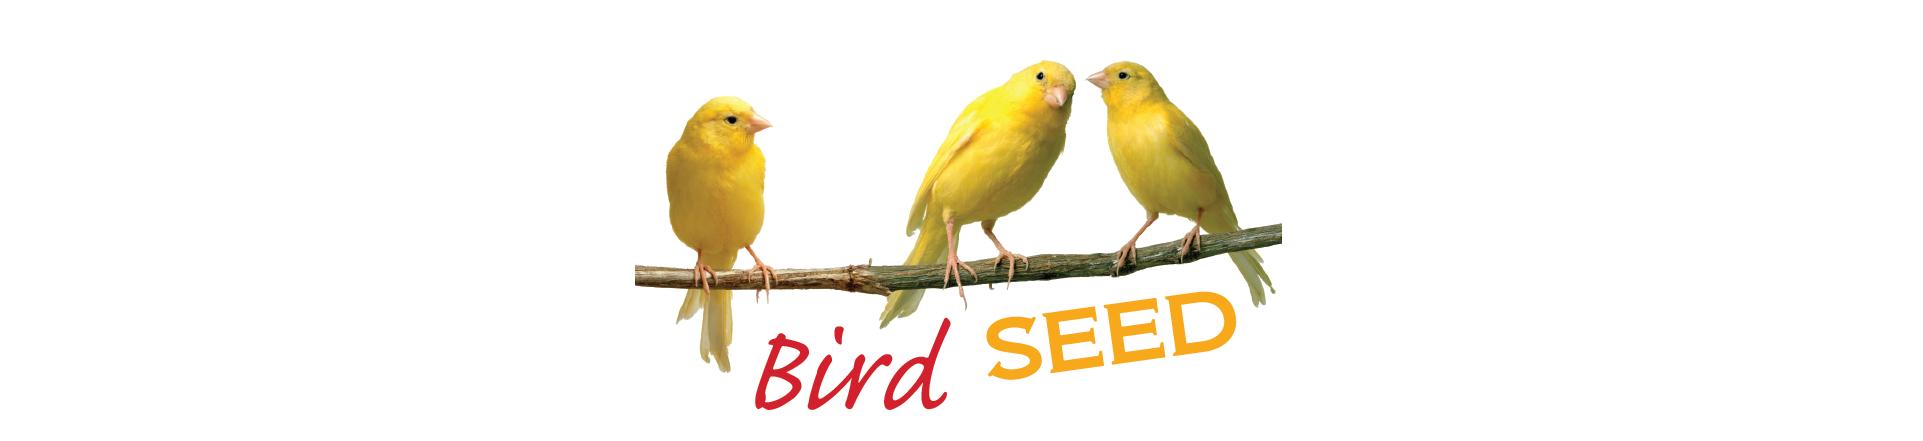 BIRD SEED LOGO.png